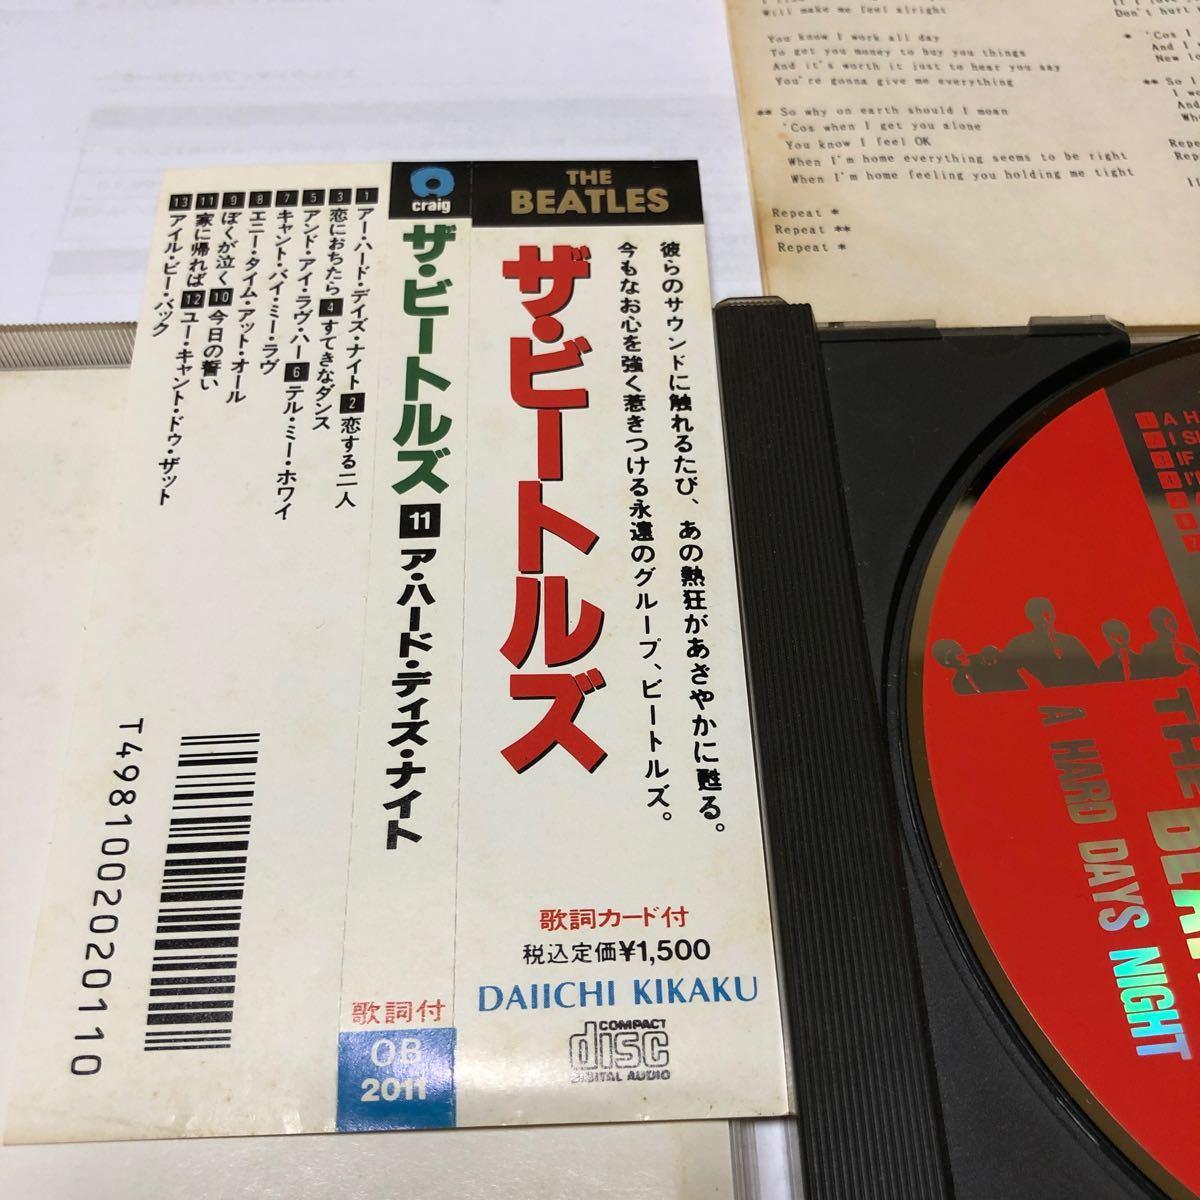 ザ・ビートルズ ア・ハード・デイズ・ナイトCD